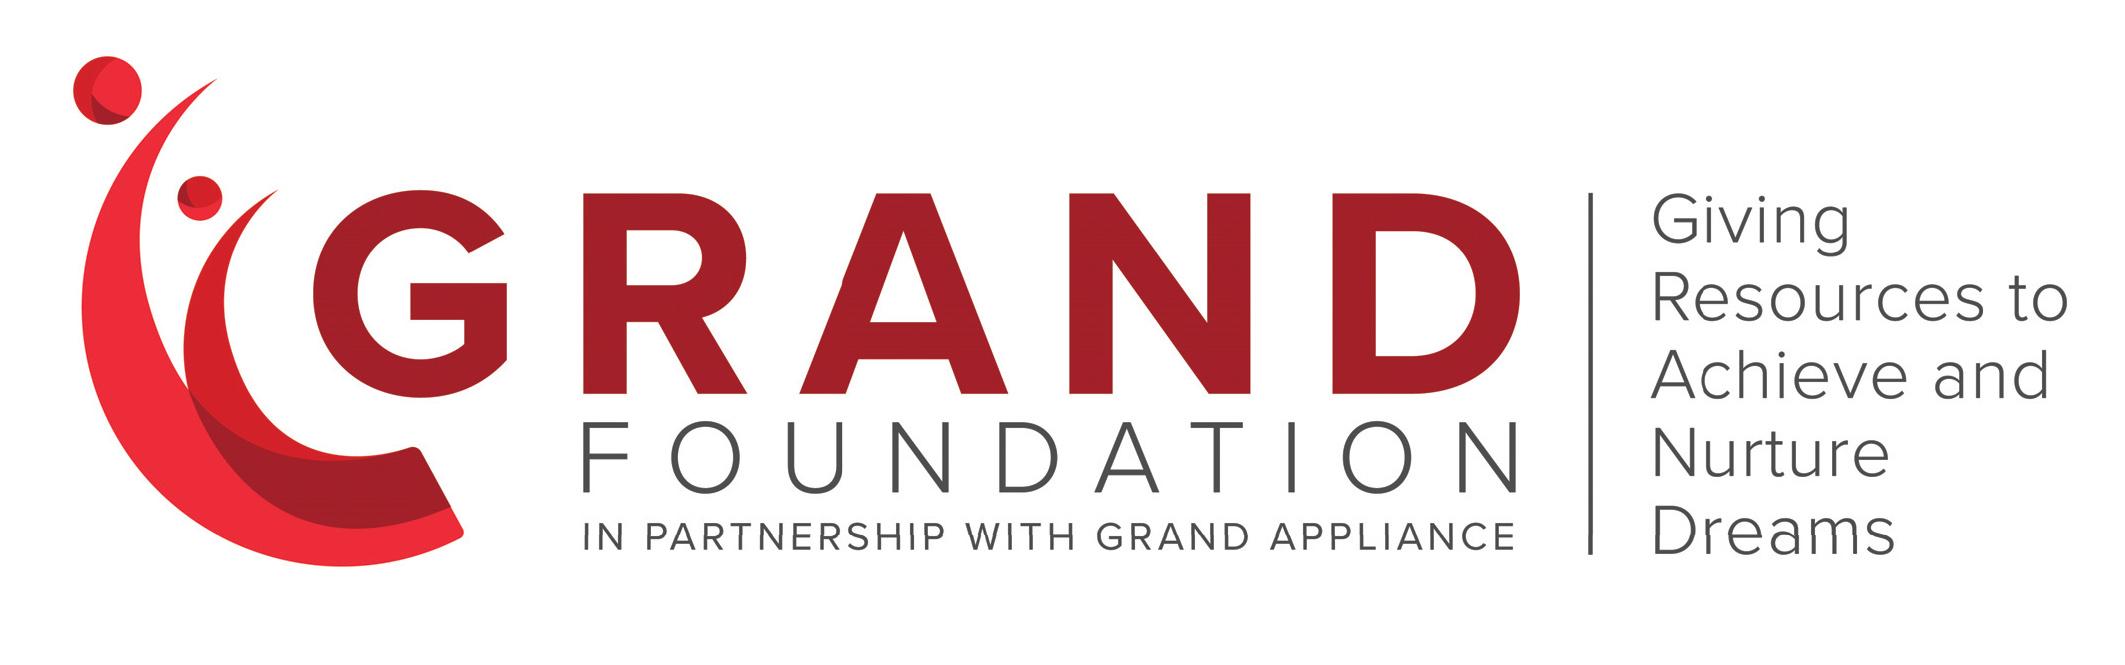 GrandFoundation-logo.jpg